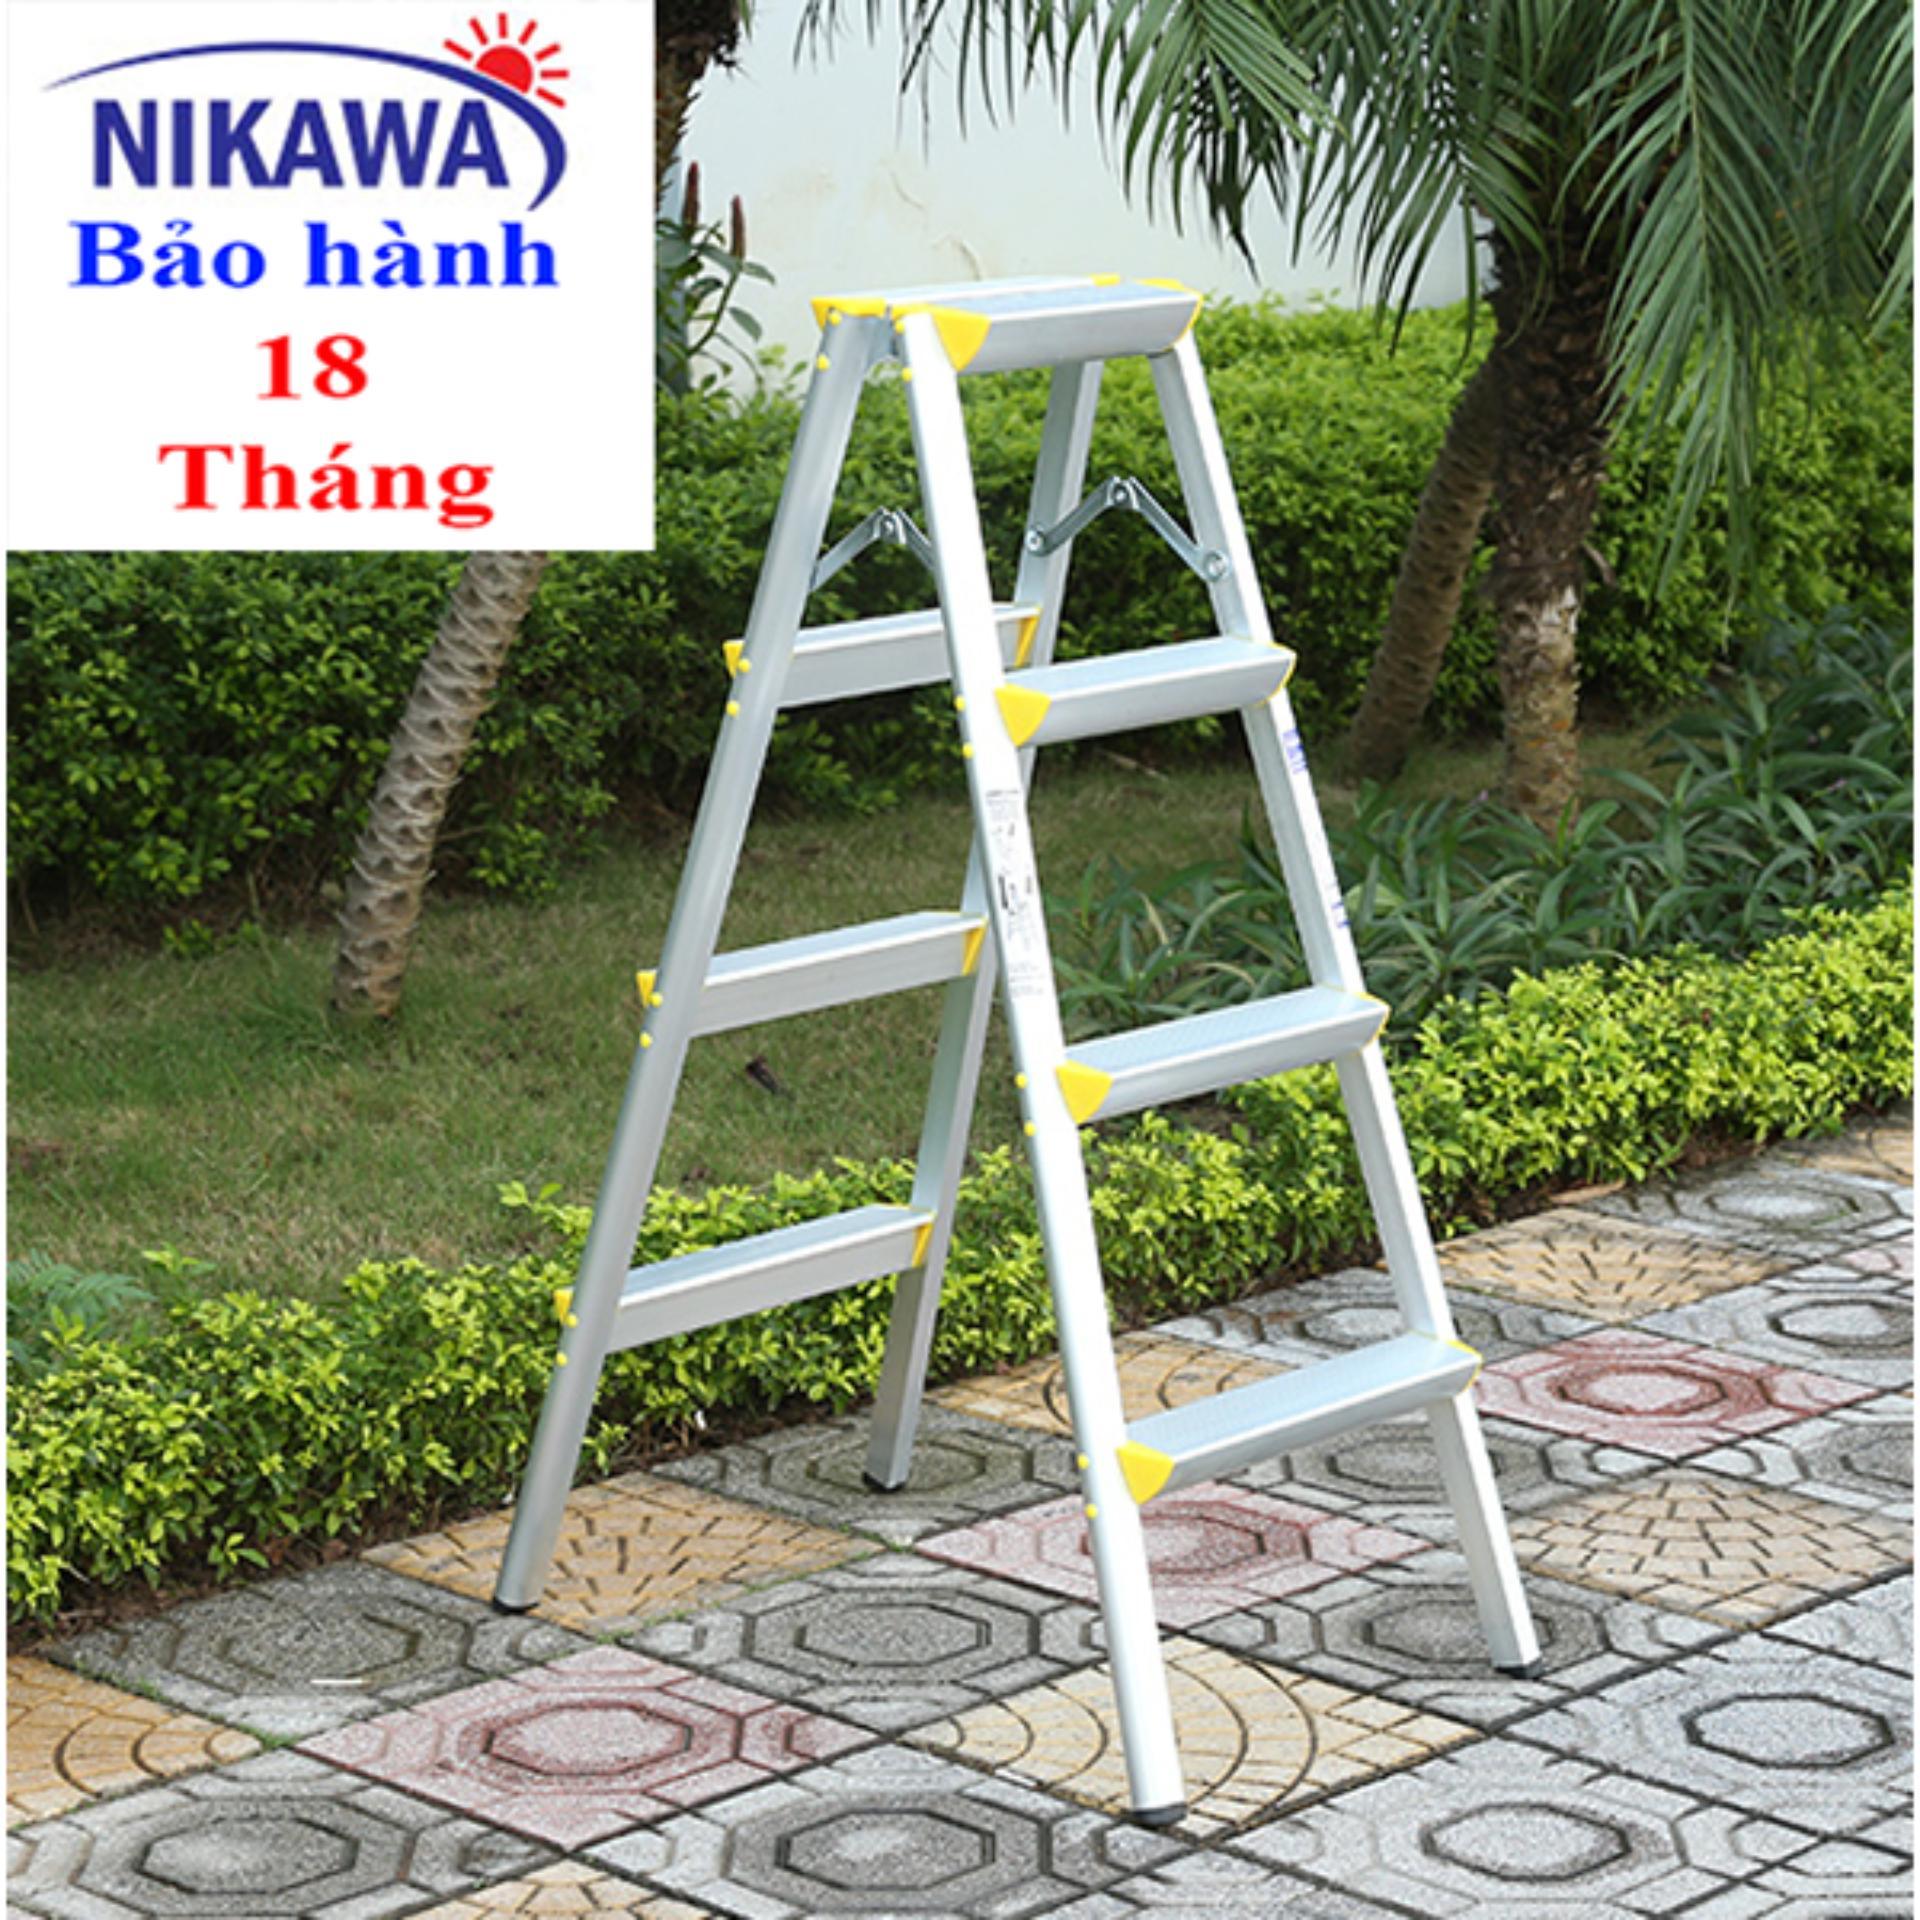 Thang nhôm chữ A NIKAWA NHẬT BẢN NKD04 - CAO 1m